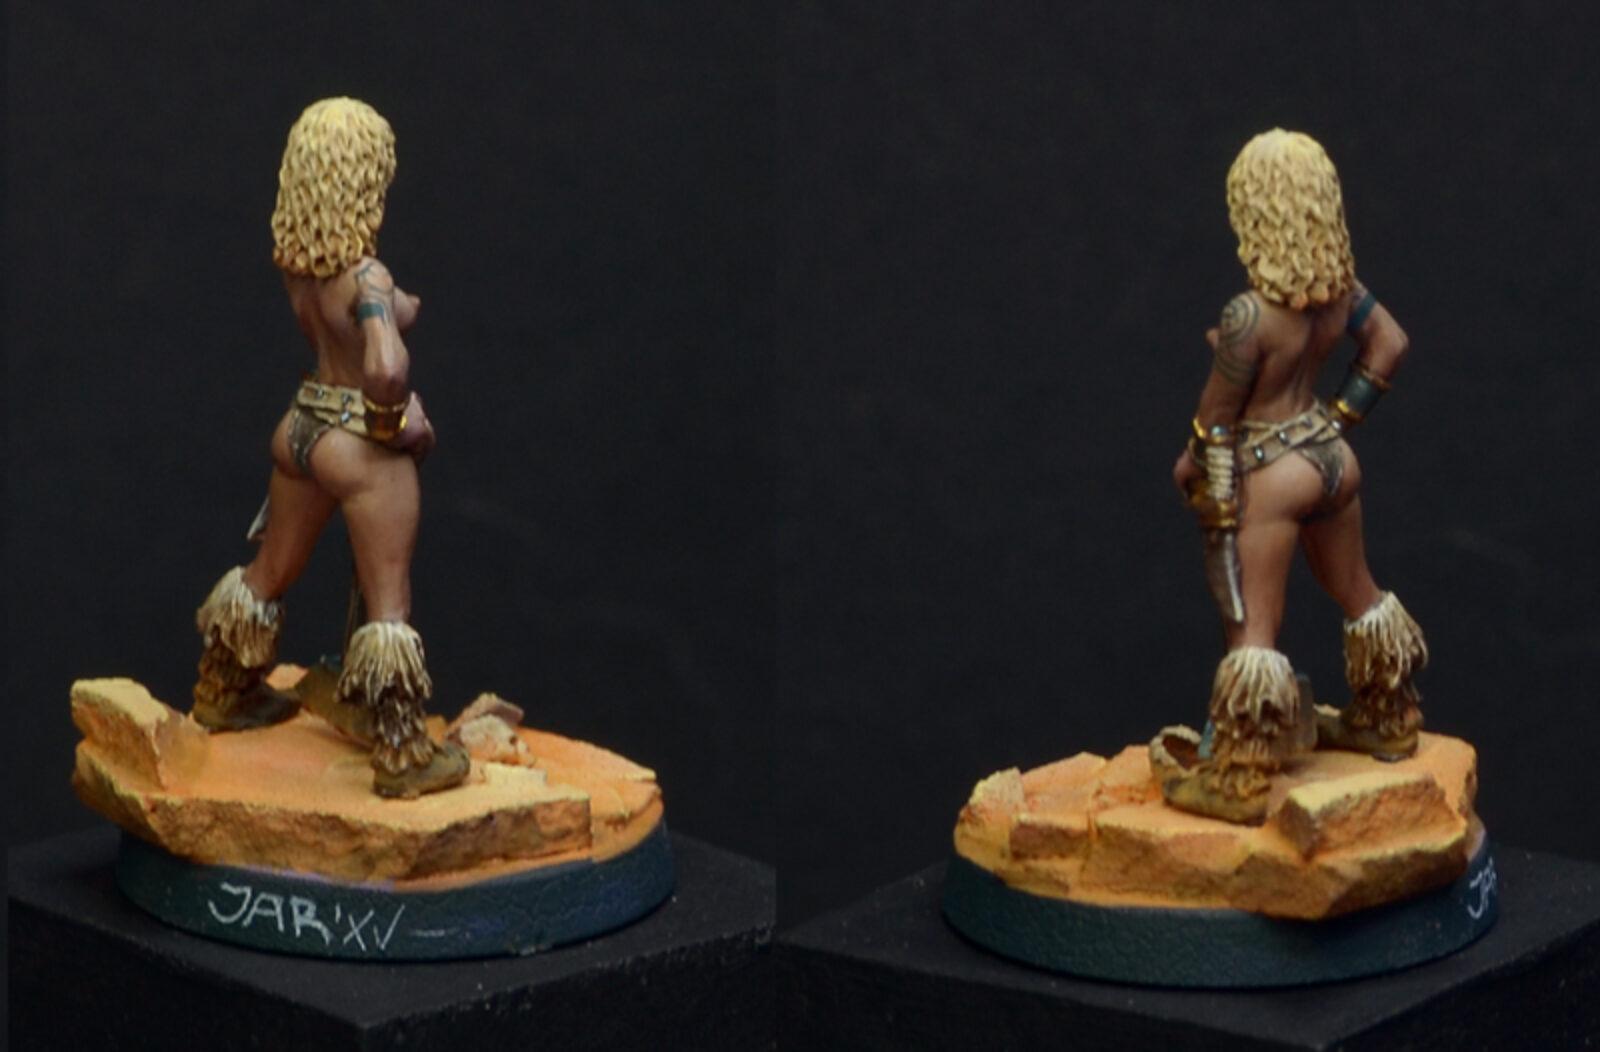 Drakerys Orc02